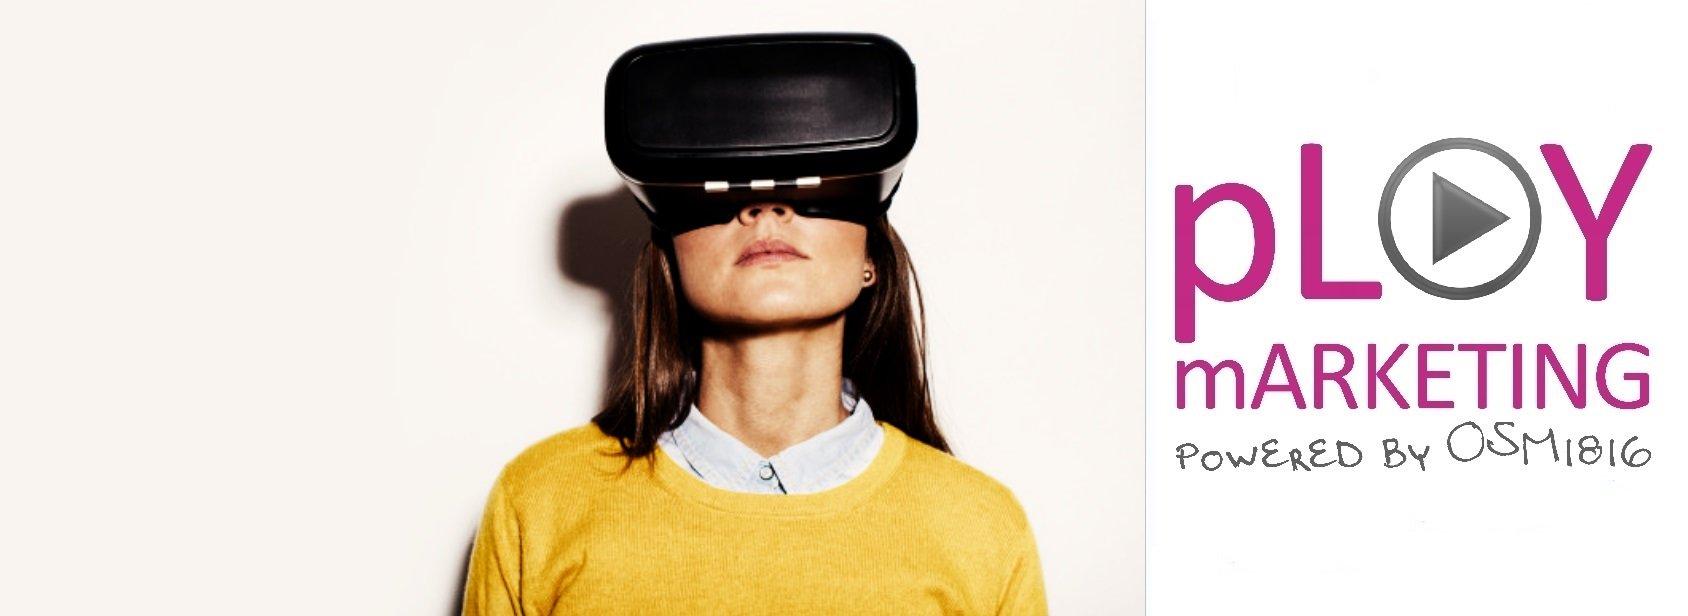 La Realtà Virtuale come cura per le vertigini